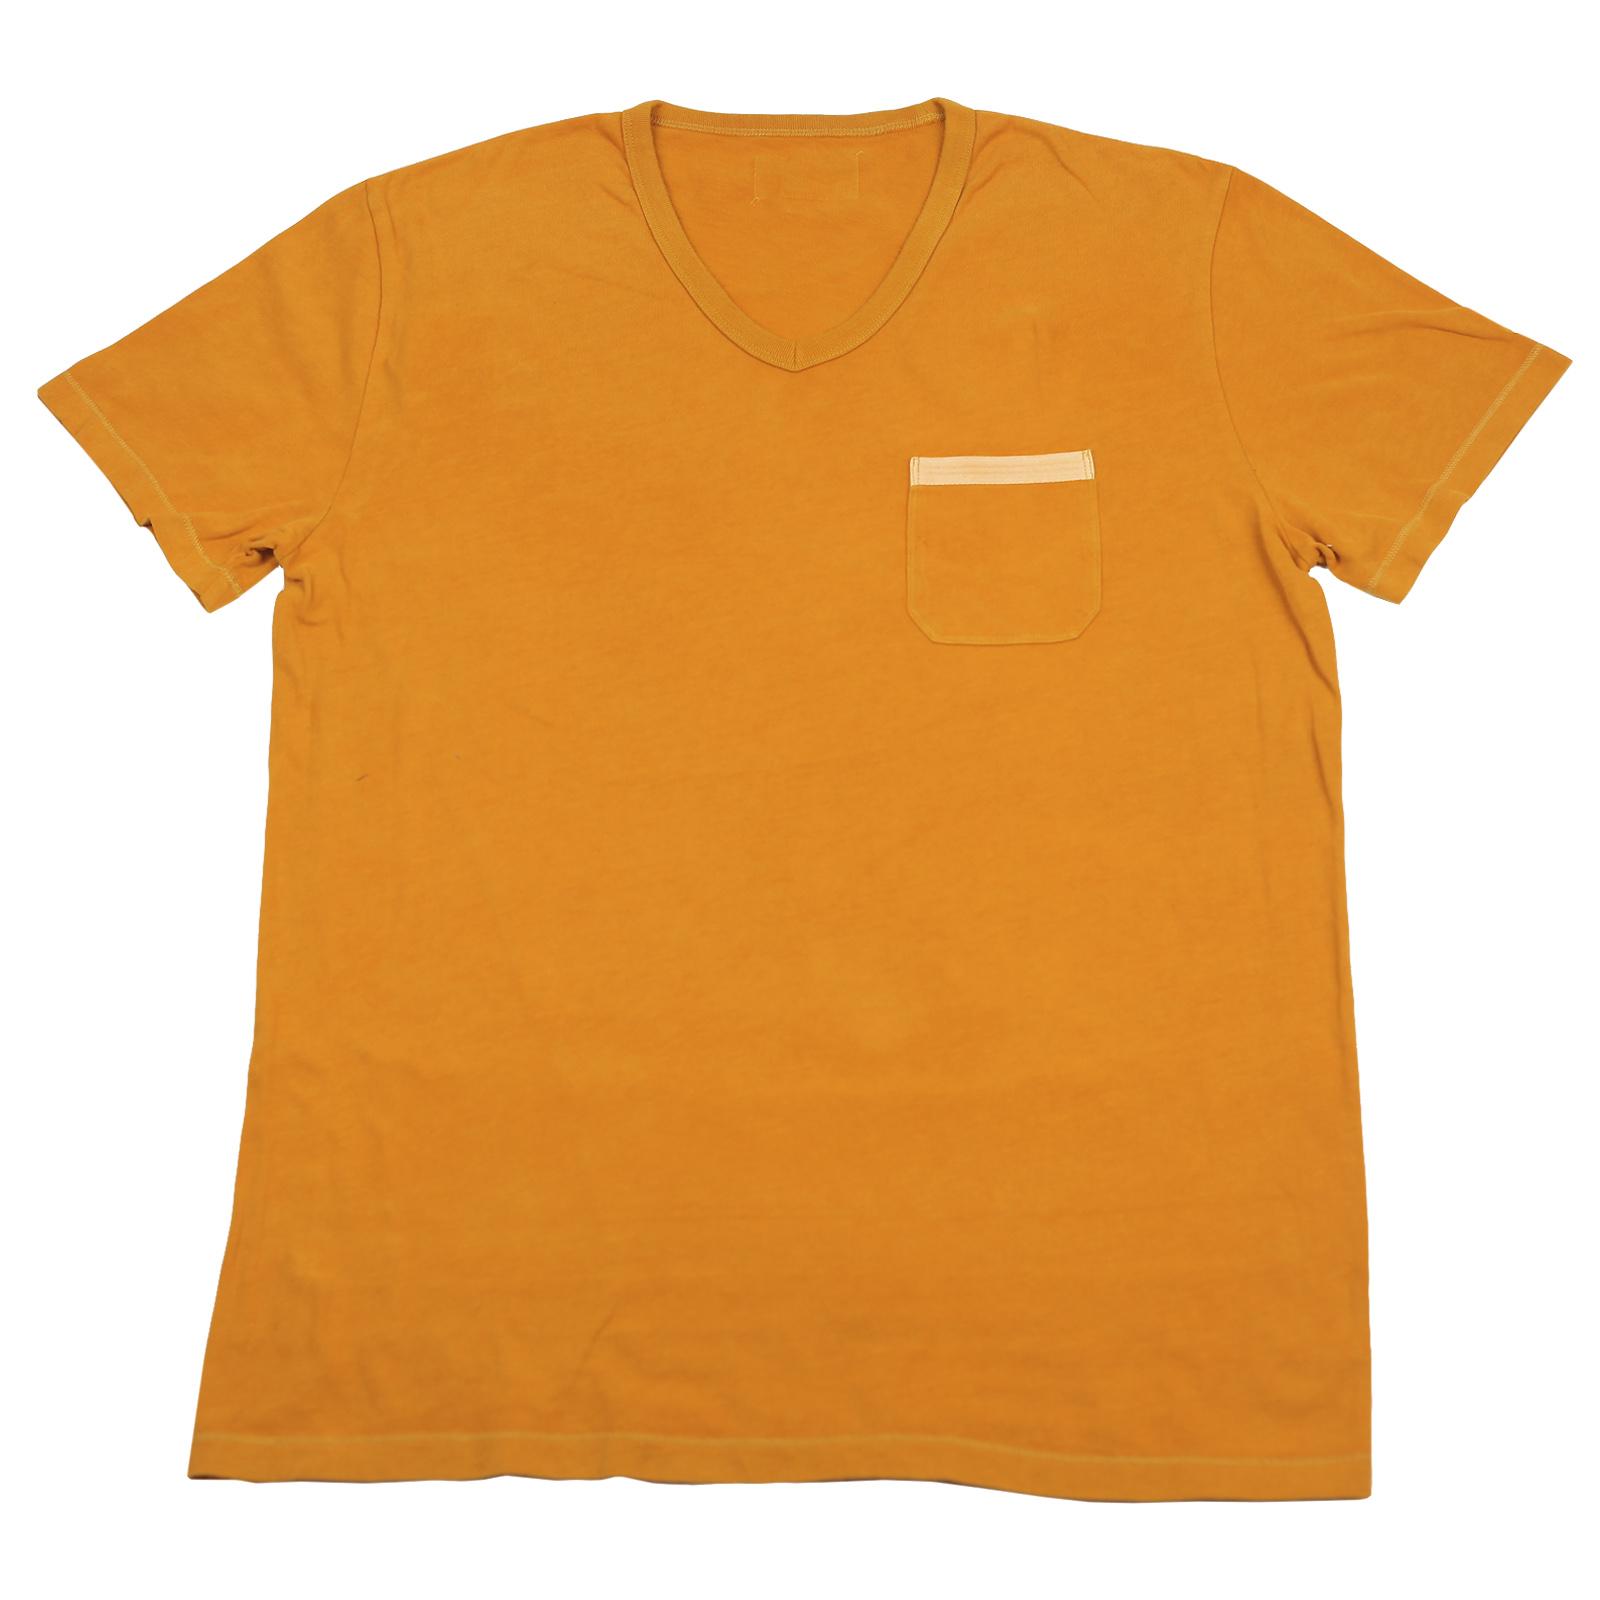 Мужская футболка оранжевого цвета с карманом